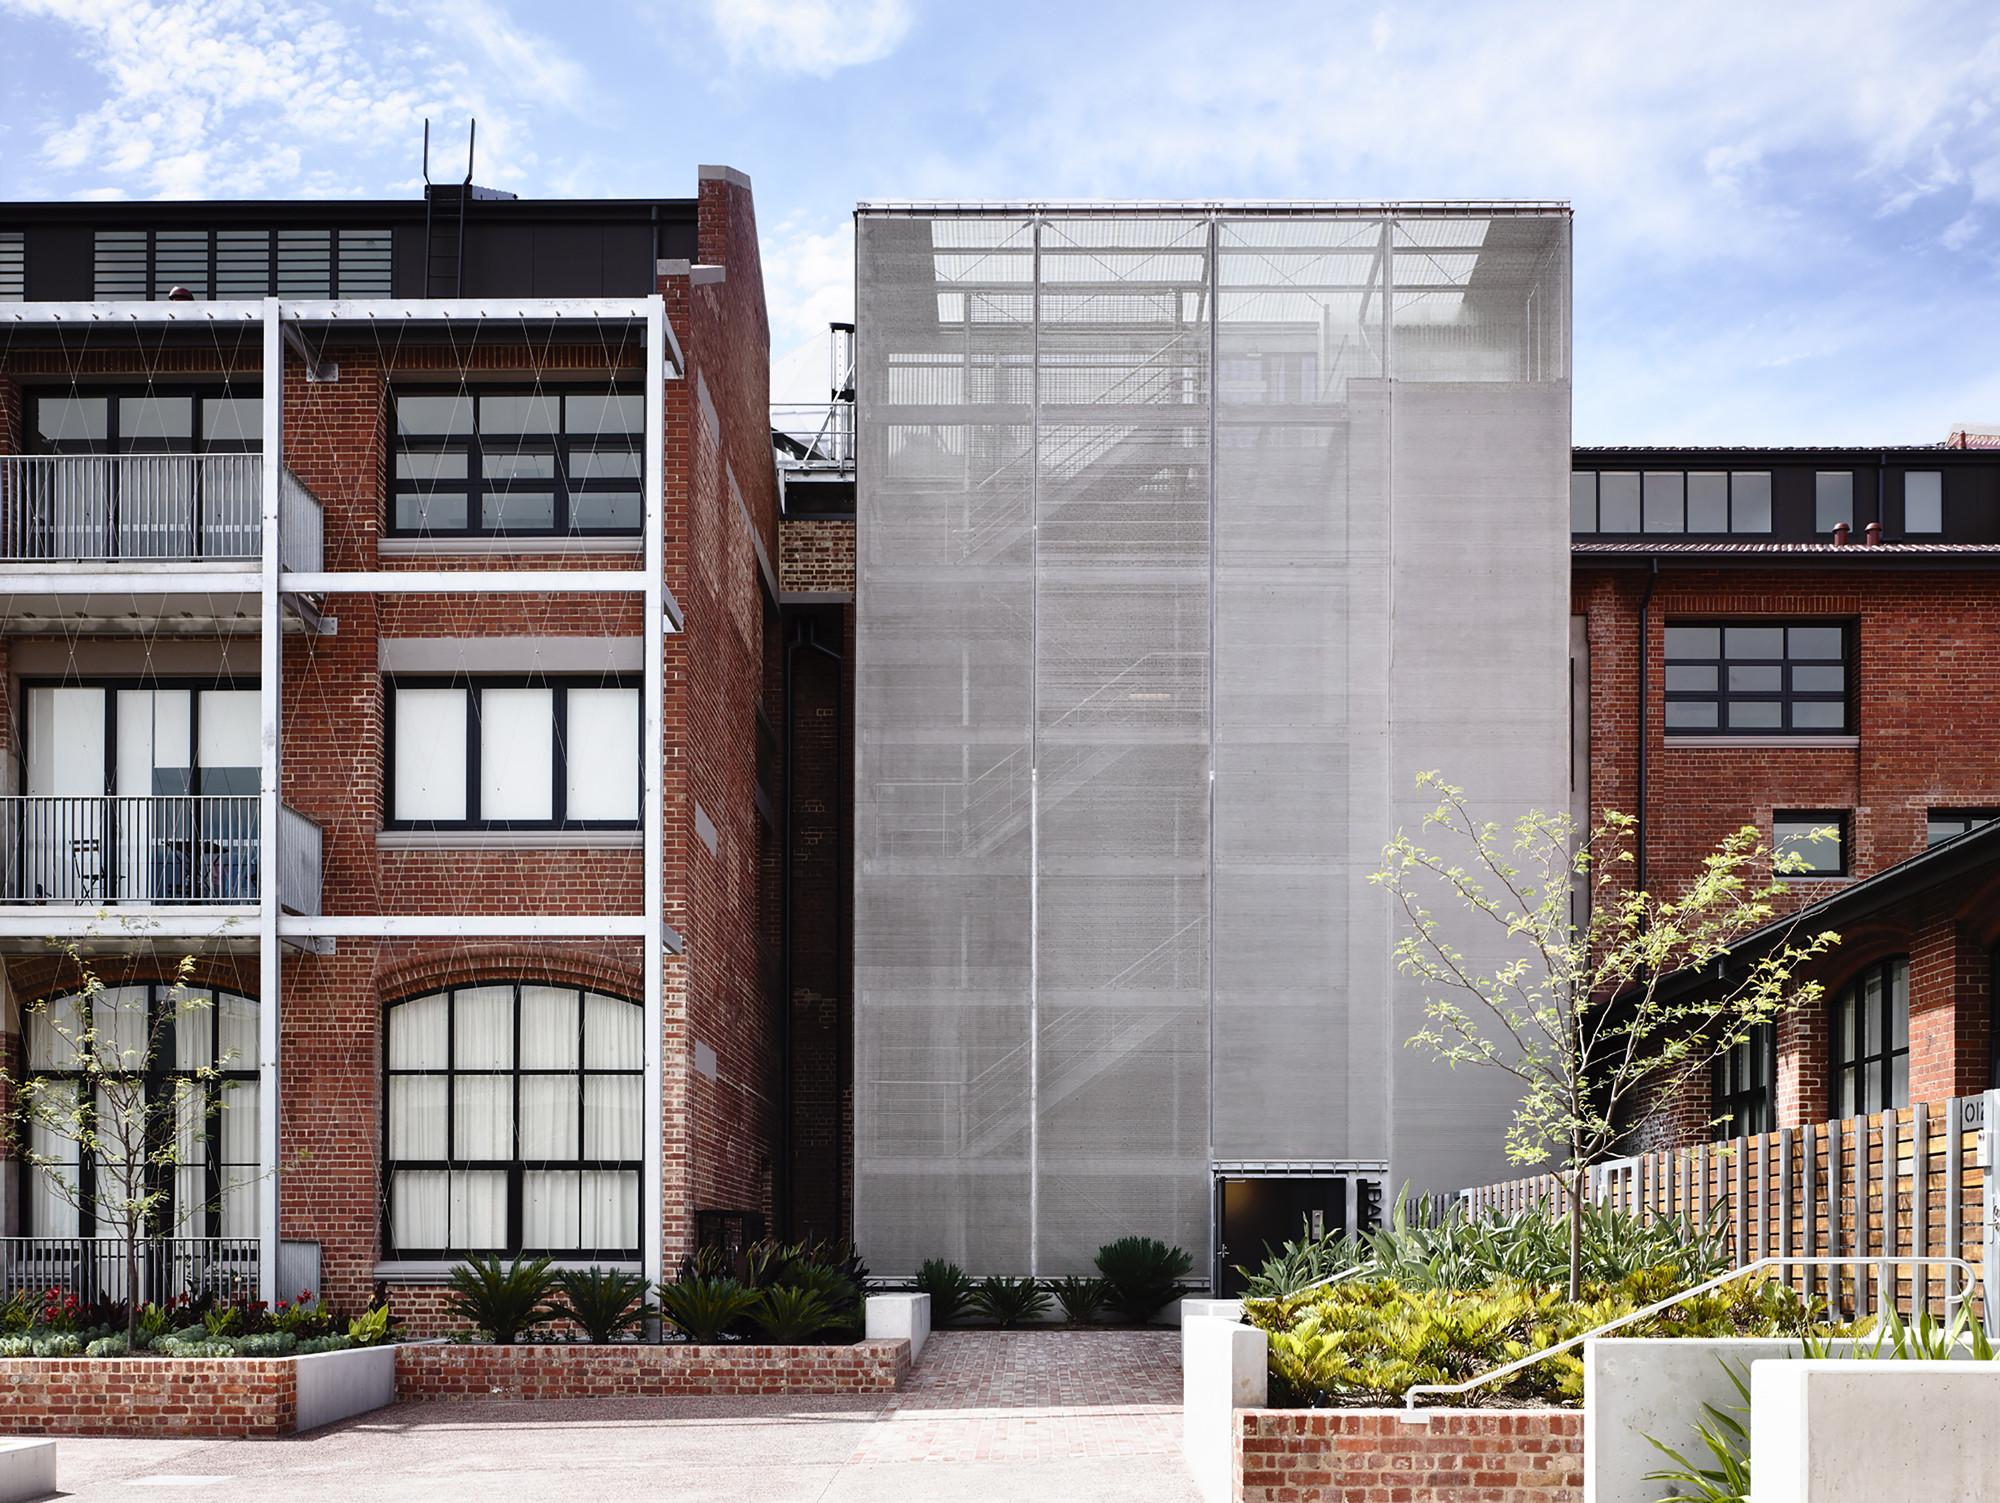 Wertheim Factory Conversion  / Kerstin Thompson Architects, © Derek Swalwell